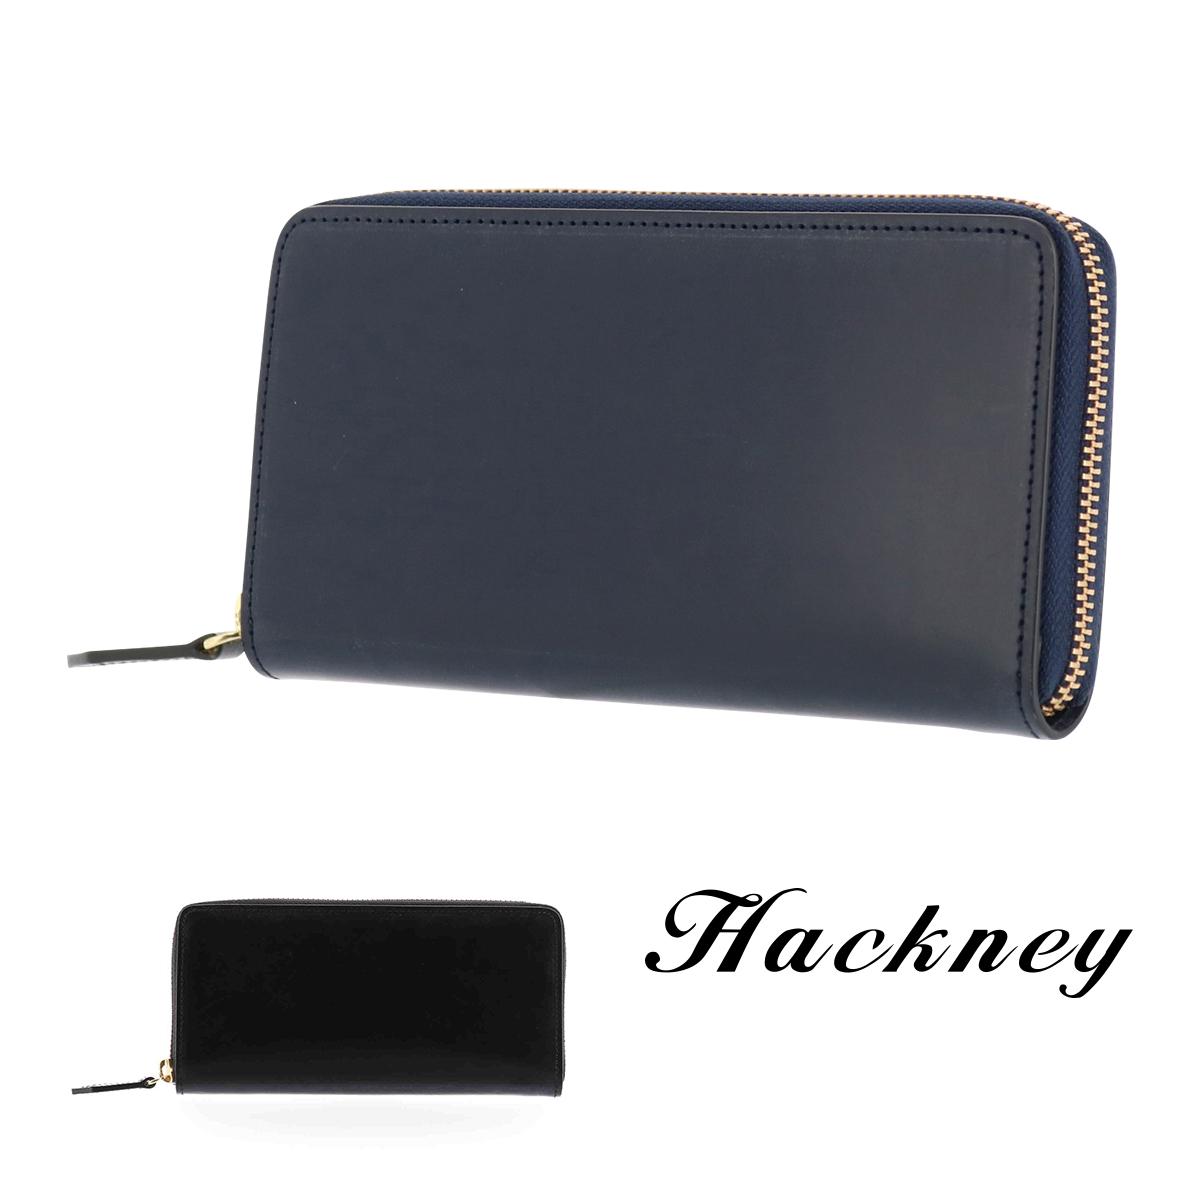 ハックニー Hackney 長財布 HK-900 | ラウンドファスナー 財布 ブライドルレザー イタリアンレザー メンズ[bef][PO10]